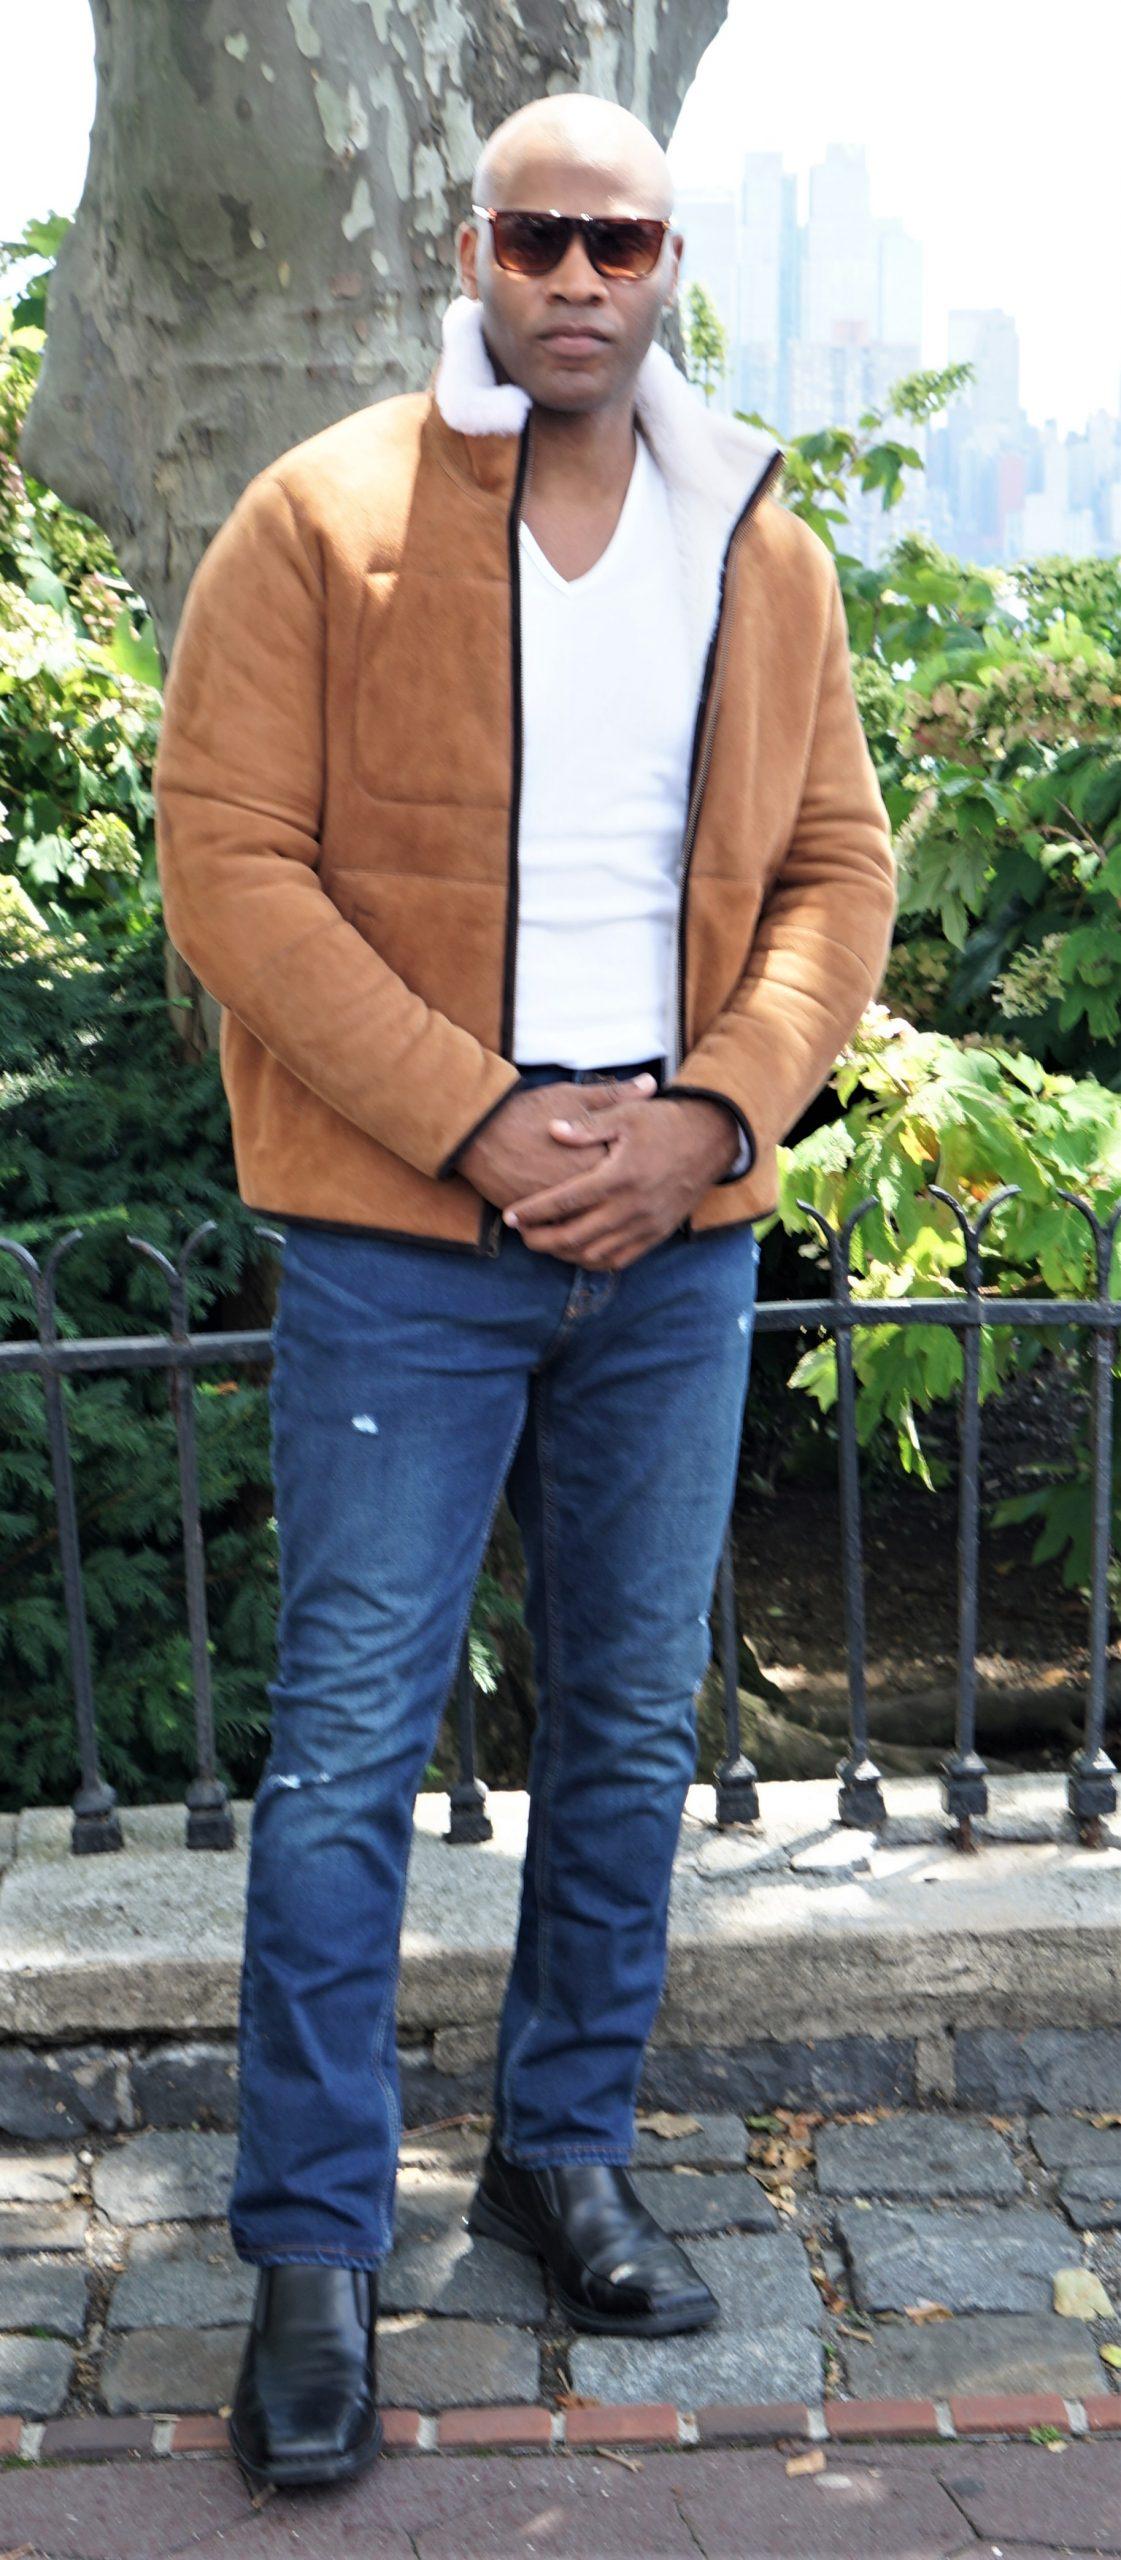 Designer Shearling Jacket for Mens